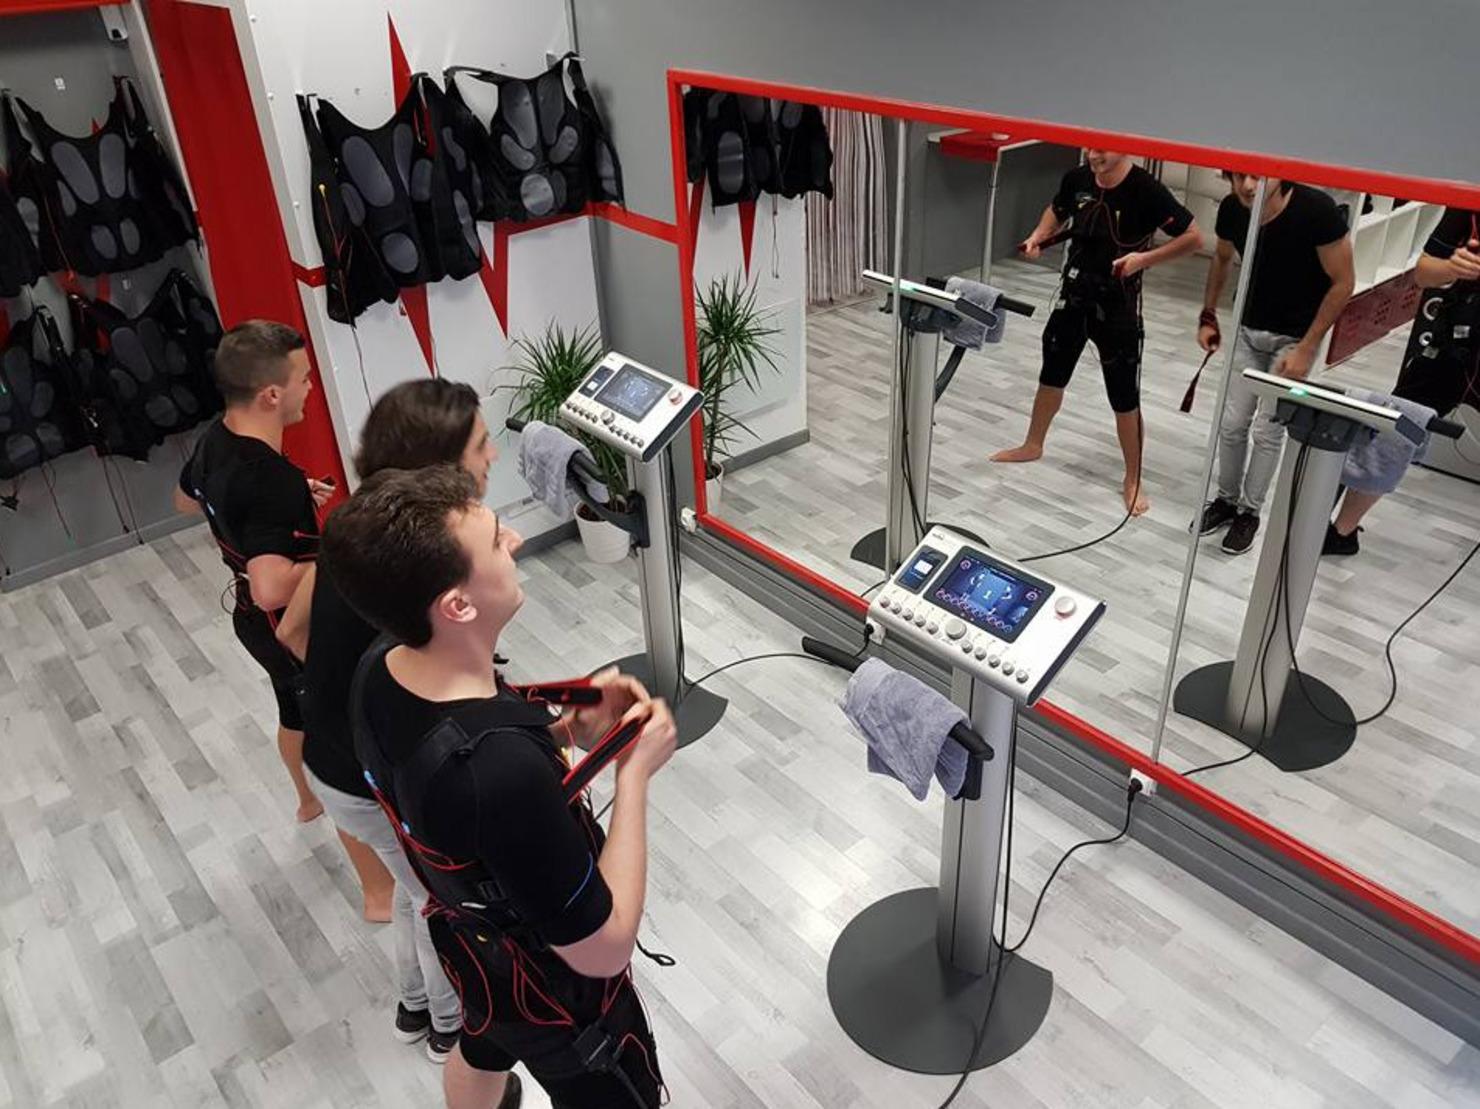 iron bodyfit lyon part dieu tarifs avis horaires essai gratuit. Black Bedroom Furniture Sets. Home Design Ideas